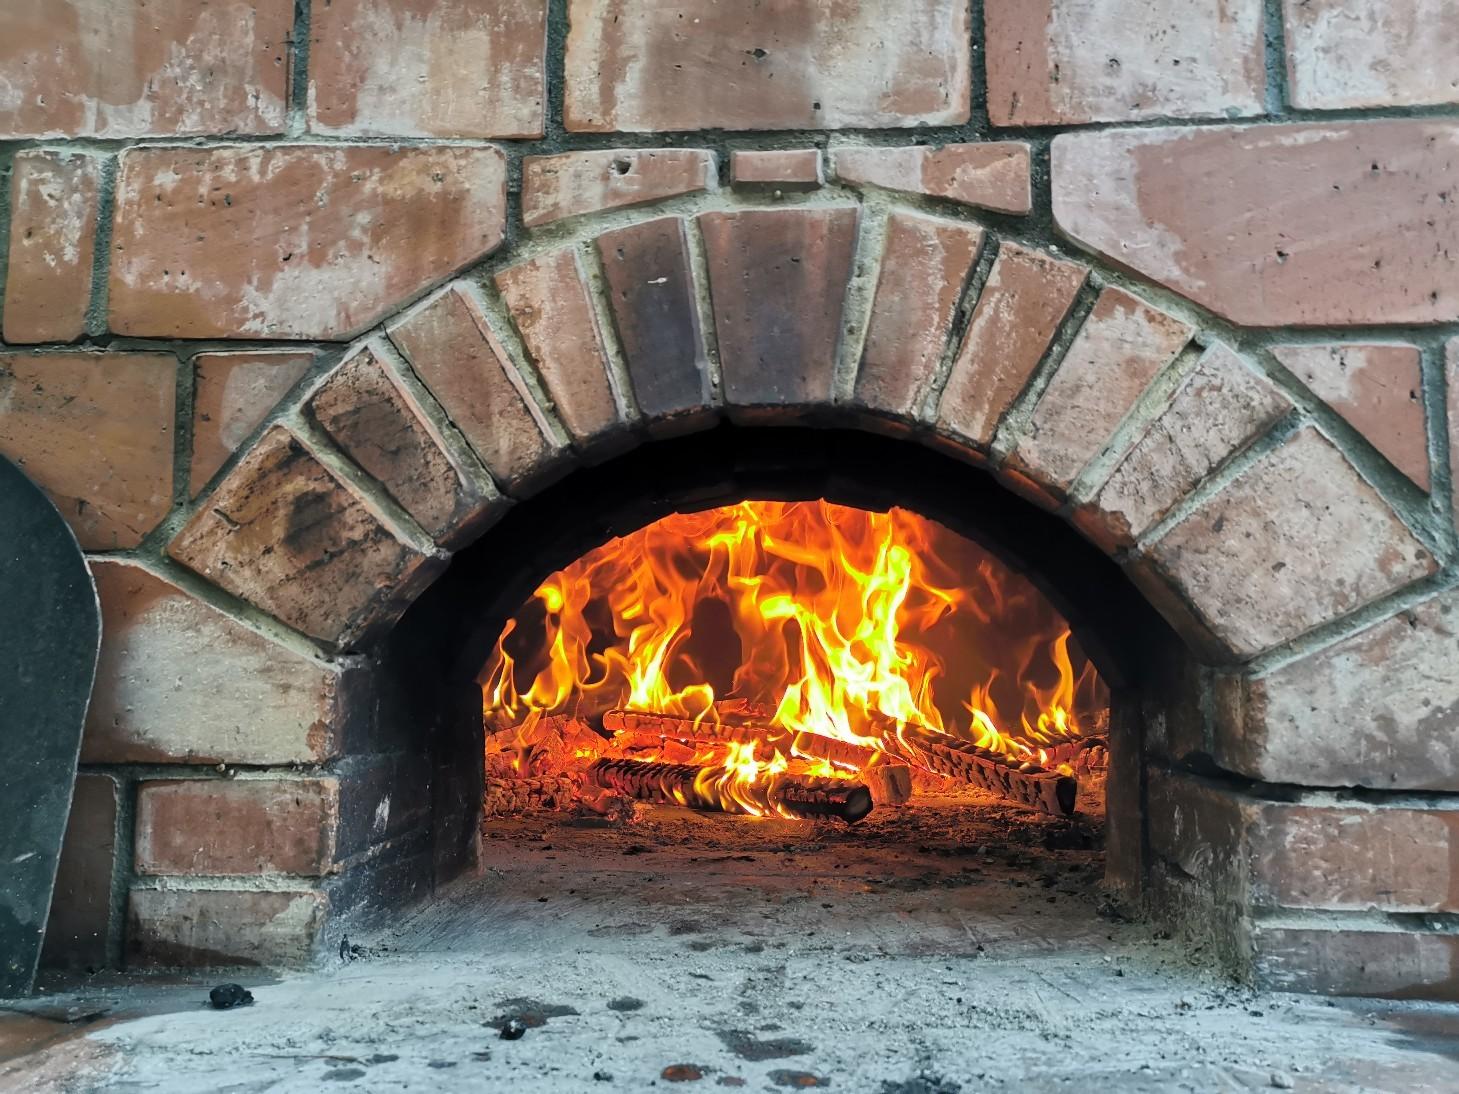 久しぶりに家でパン焼き_f0106597_02183025.jpg